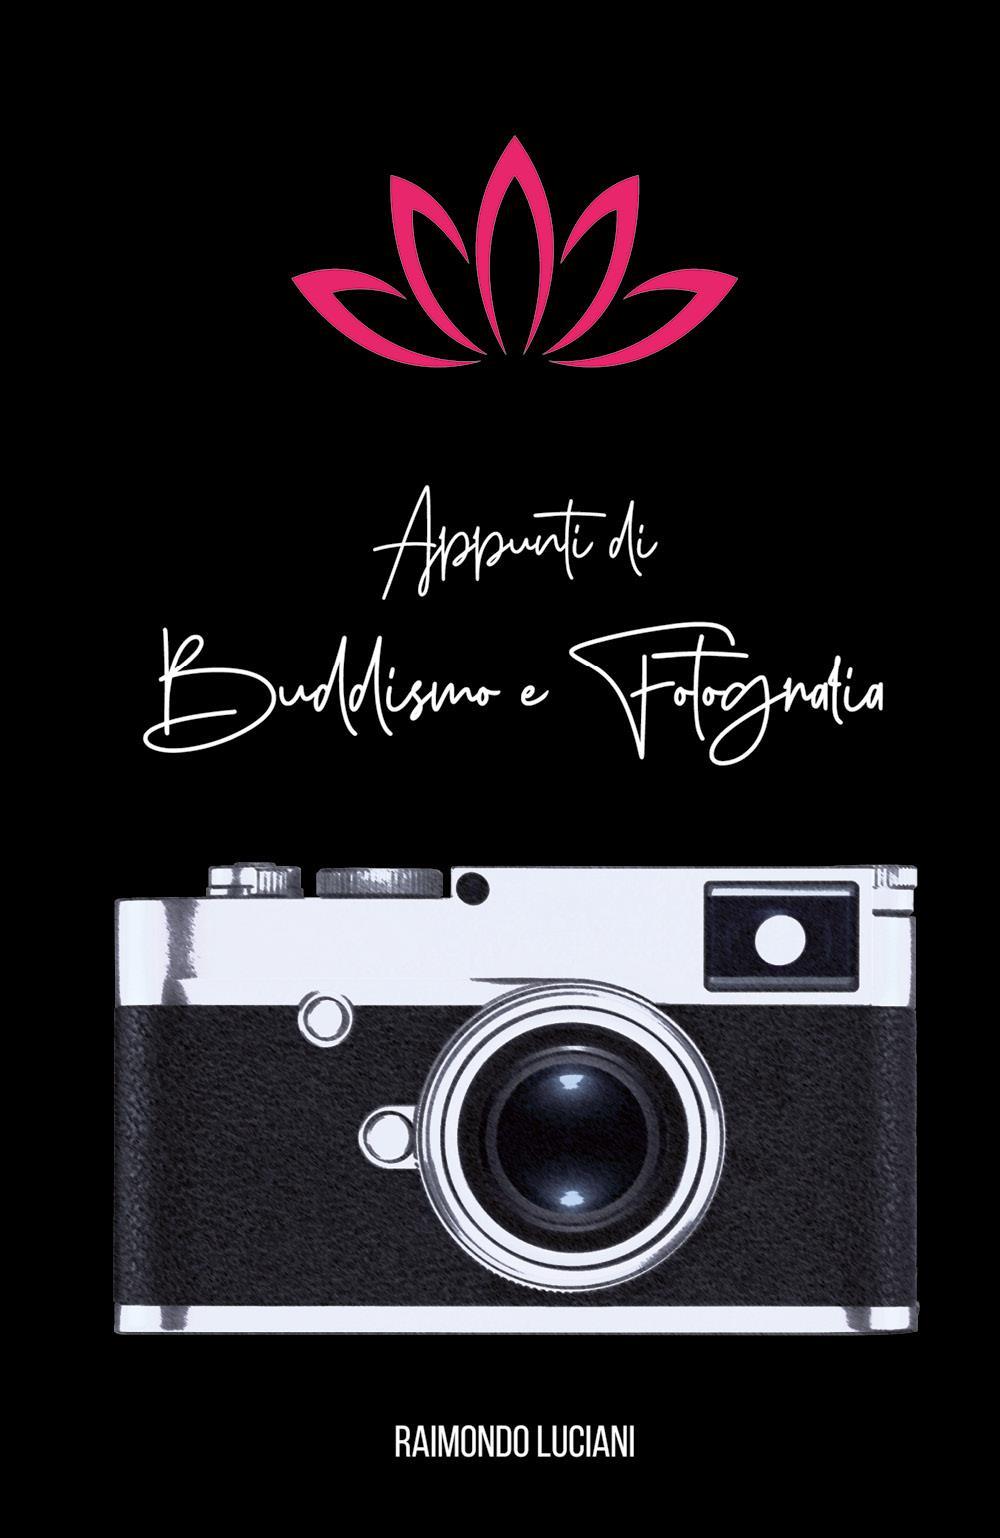 Appunti di Buddismo e Fotografia